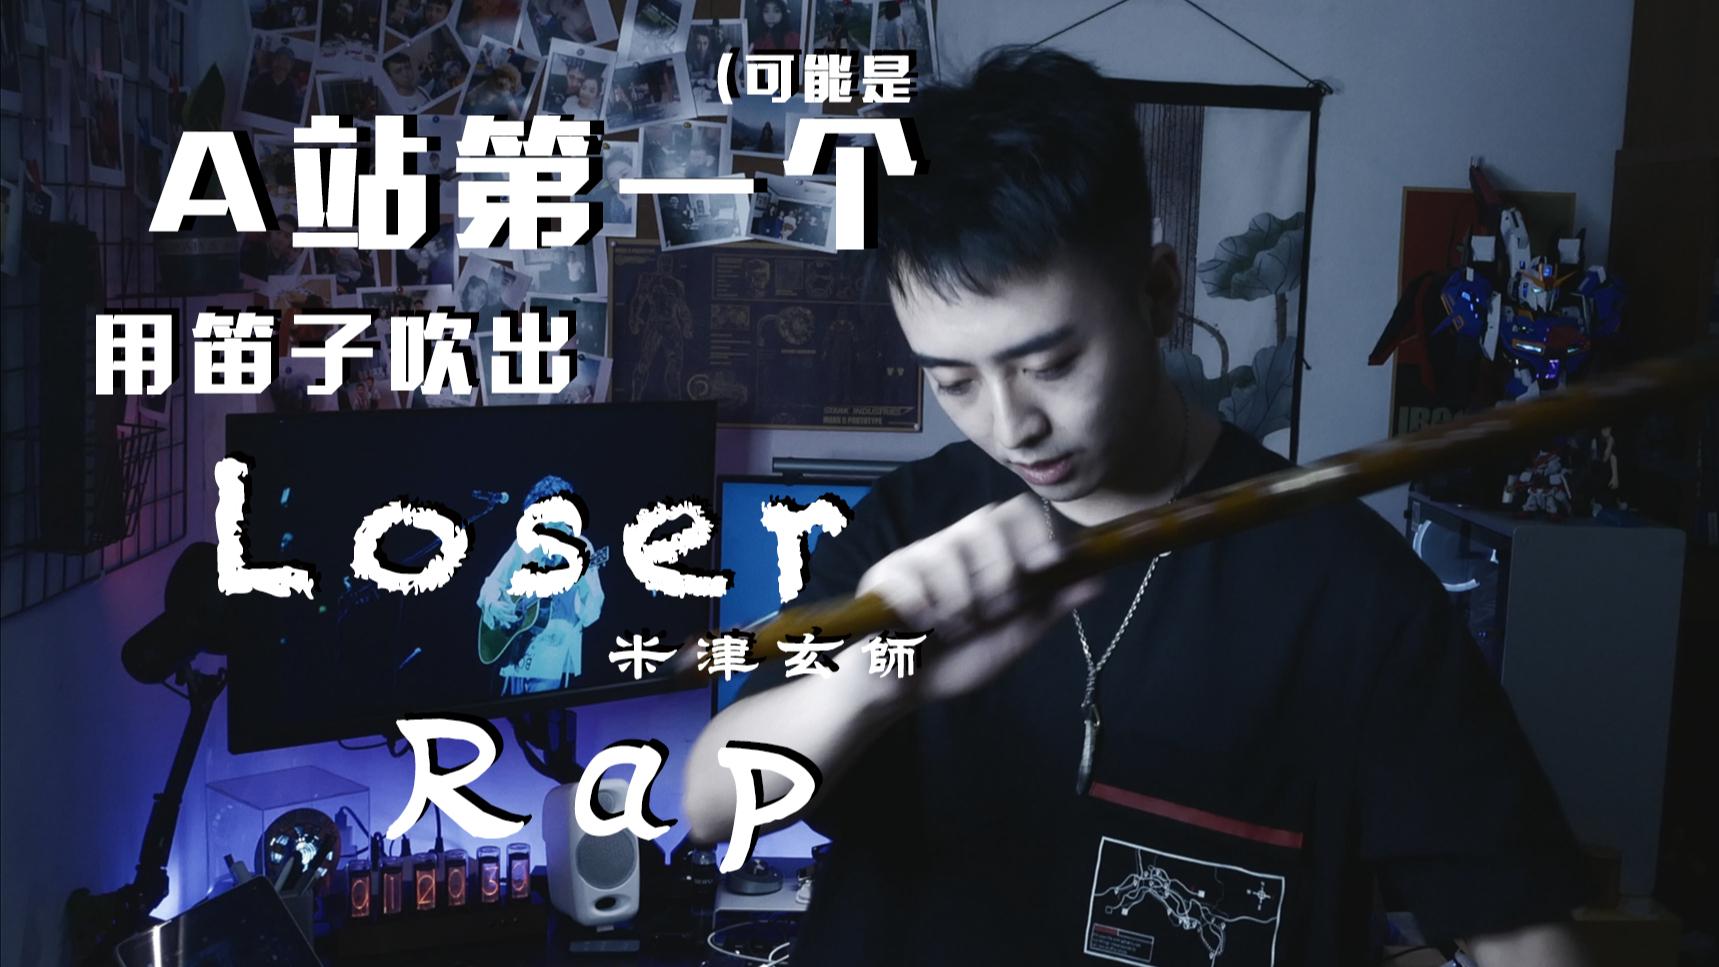 【可能是】A站第一个竹笛《Loser》Rap!非常舒适!【跟米津玄师杠上的第二周】